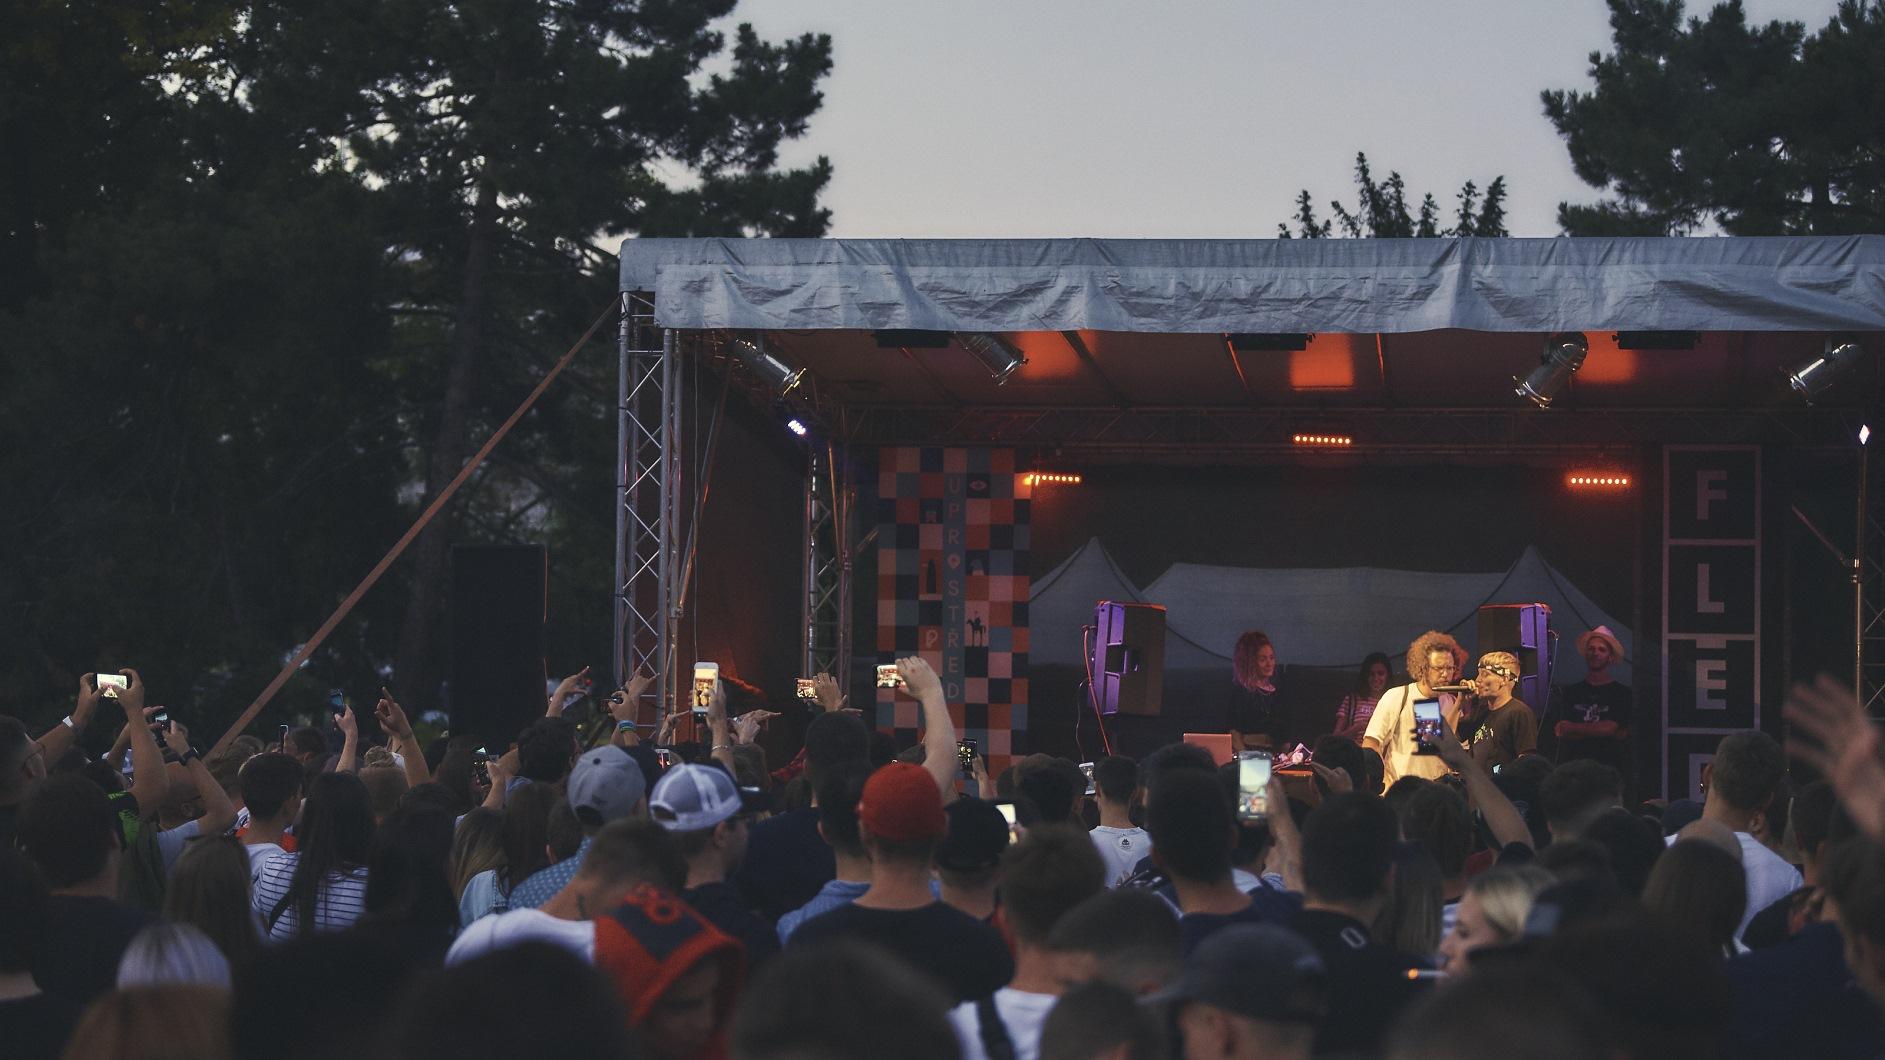 Festial-Uprostred-mizuki-nakeshu-22-.jpg